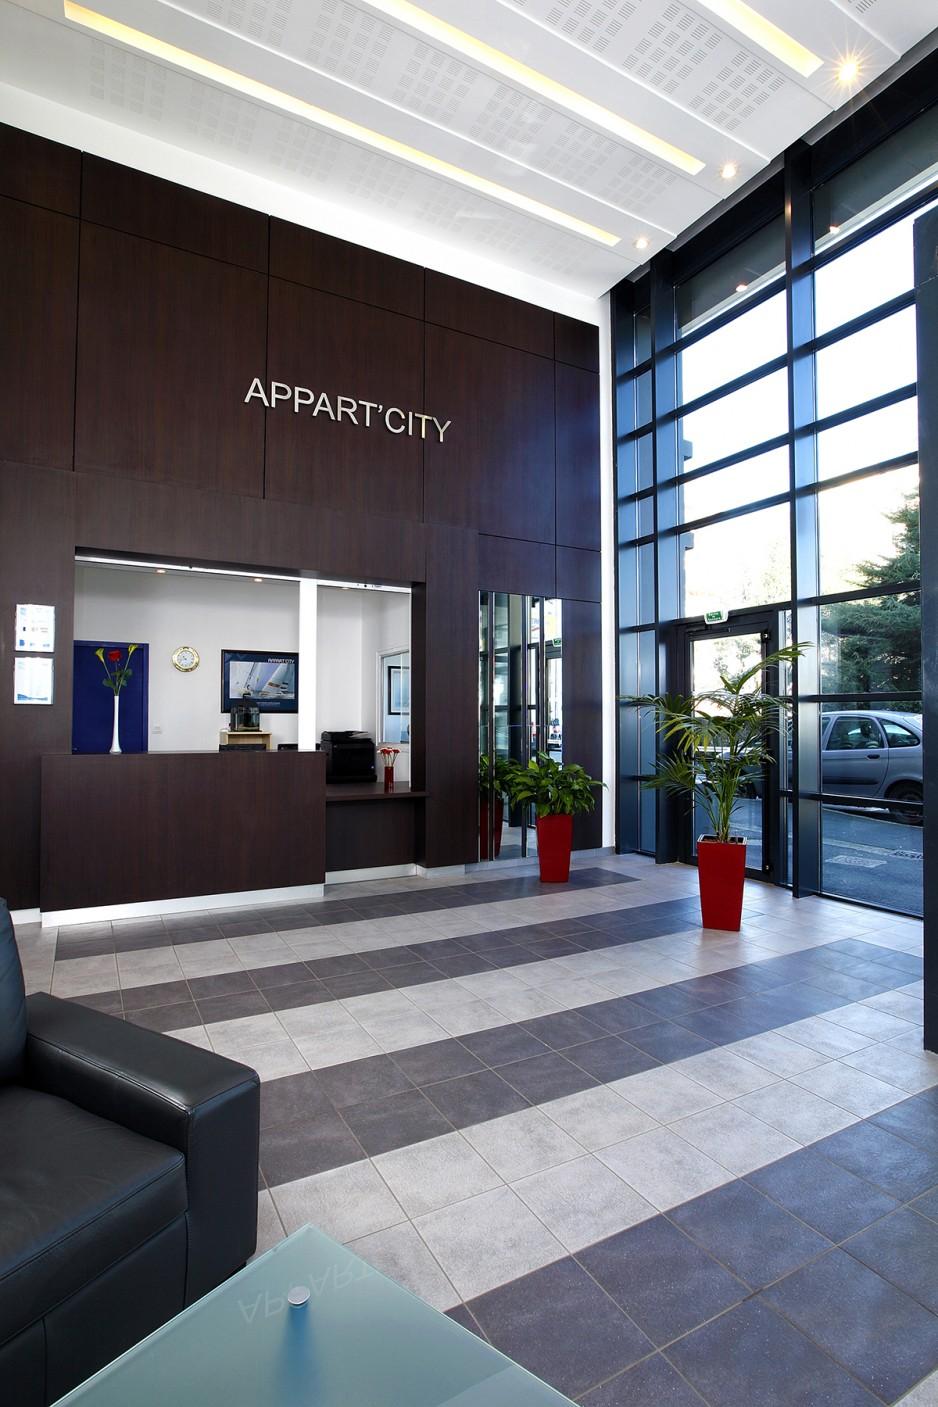 H tel journ e brest appart 39 city brest place de for Appart hotel 2 etoiles paris